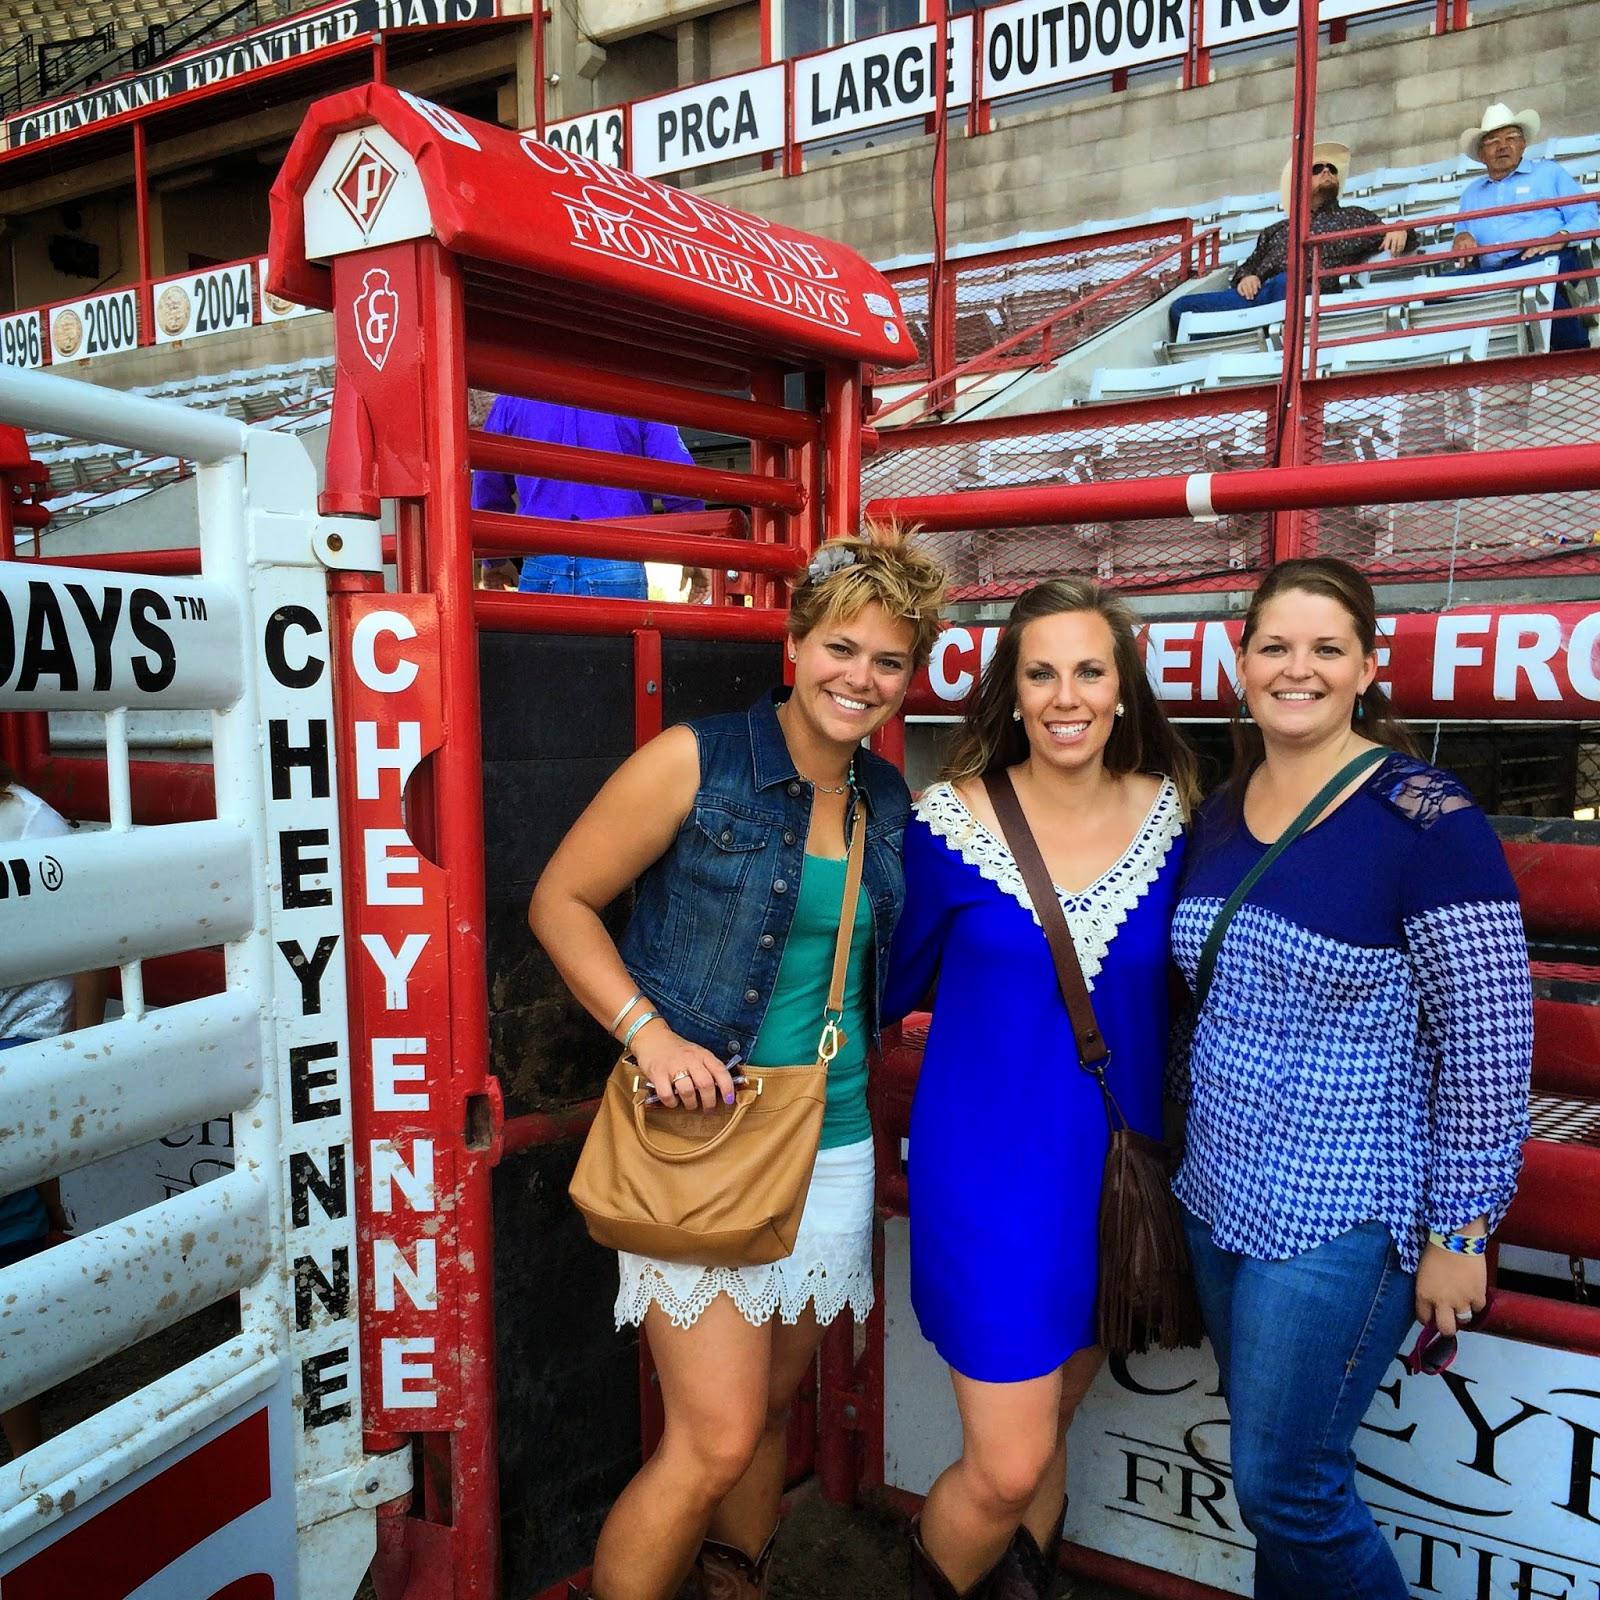 Buckin Shoots at Cheyenne